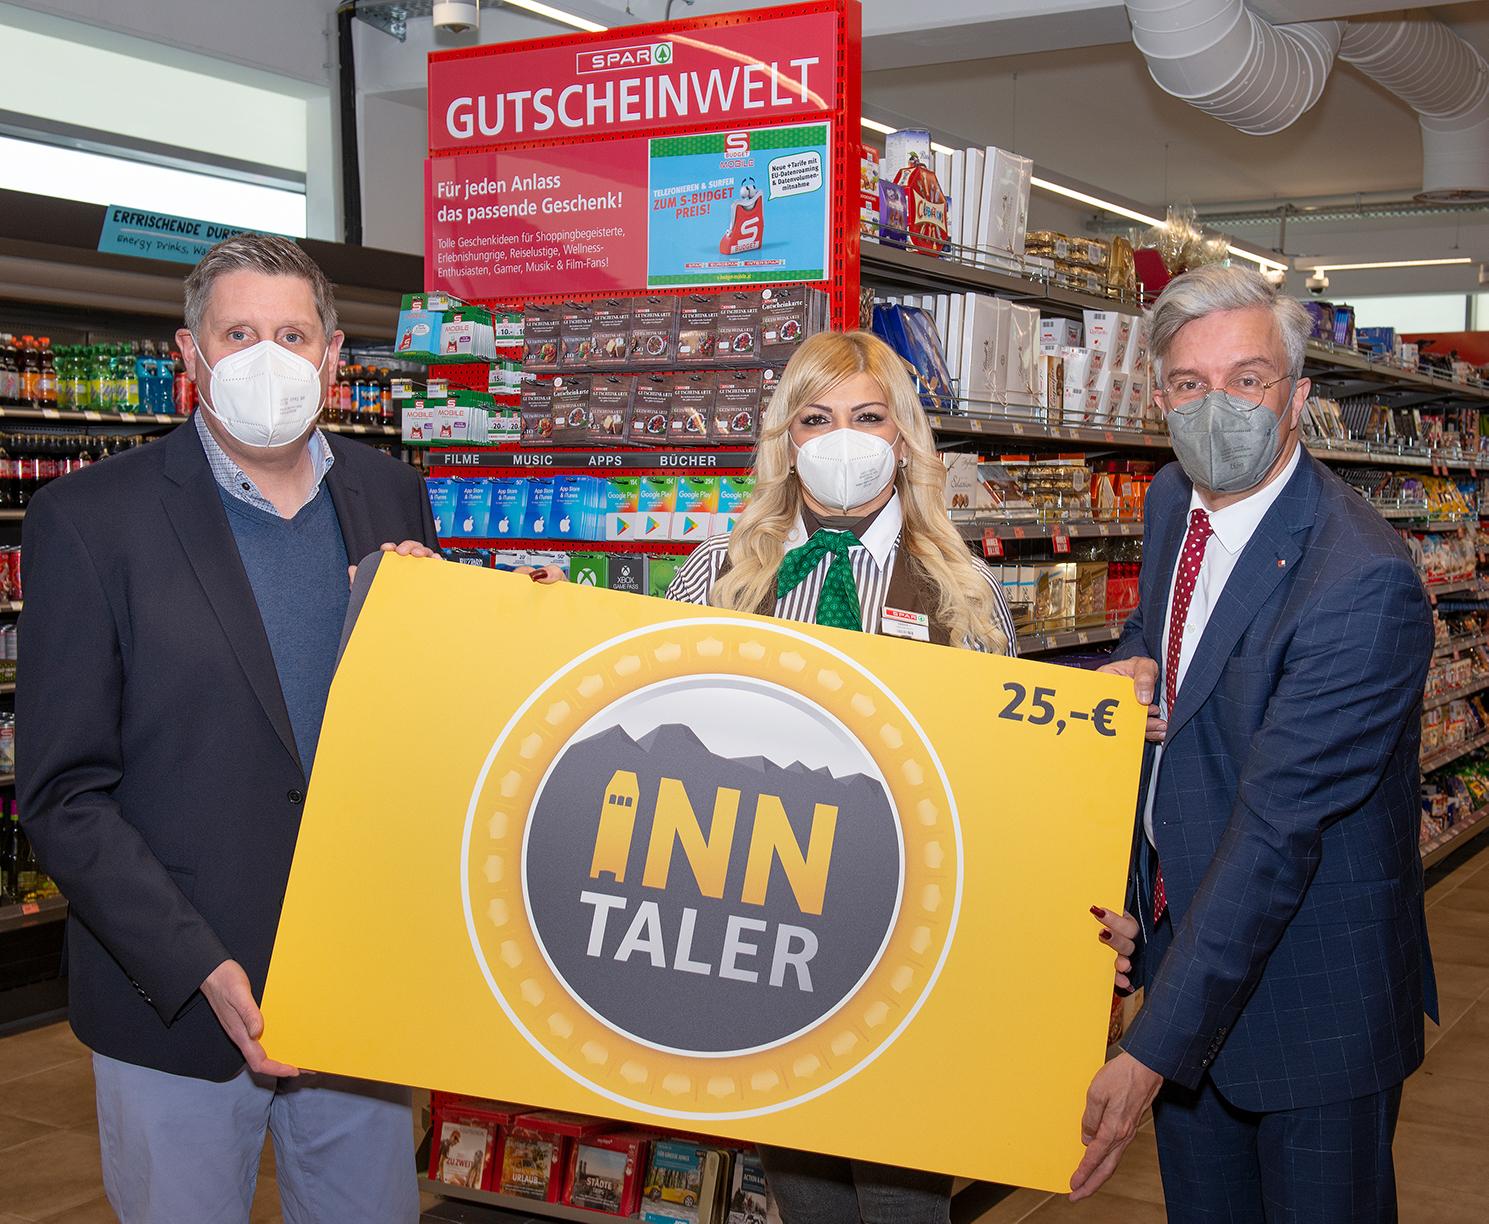 Der Inn-Taler ist die neue digitale Gutscheinkarte, die bei den Altstadt-Kaufleuten und Gastronomen eingelöst werden kann (v. l.): Dieter Duftner, CEO duftner.digital, Emina Jevtic, Marktleiterin SPAR Innrain 100, und Michael Perger, Obmann Verein Interessensgemeinschaft für Altstadt Innsbruck.